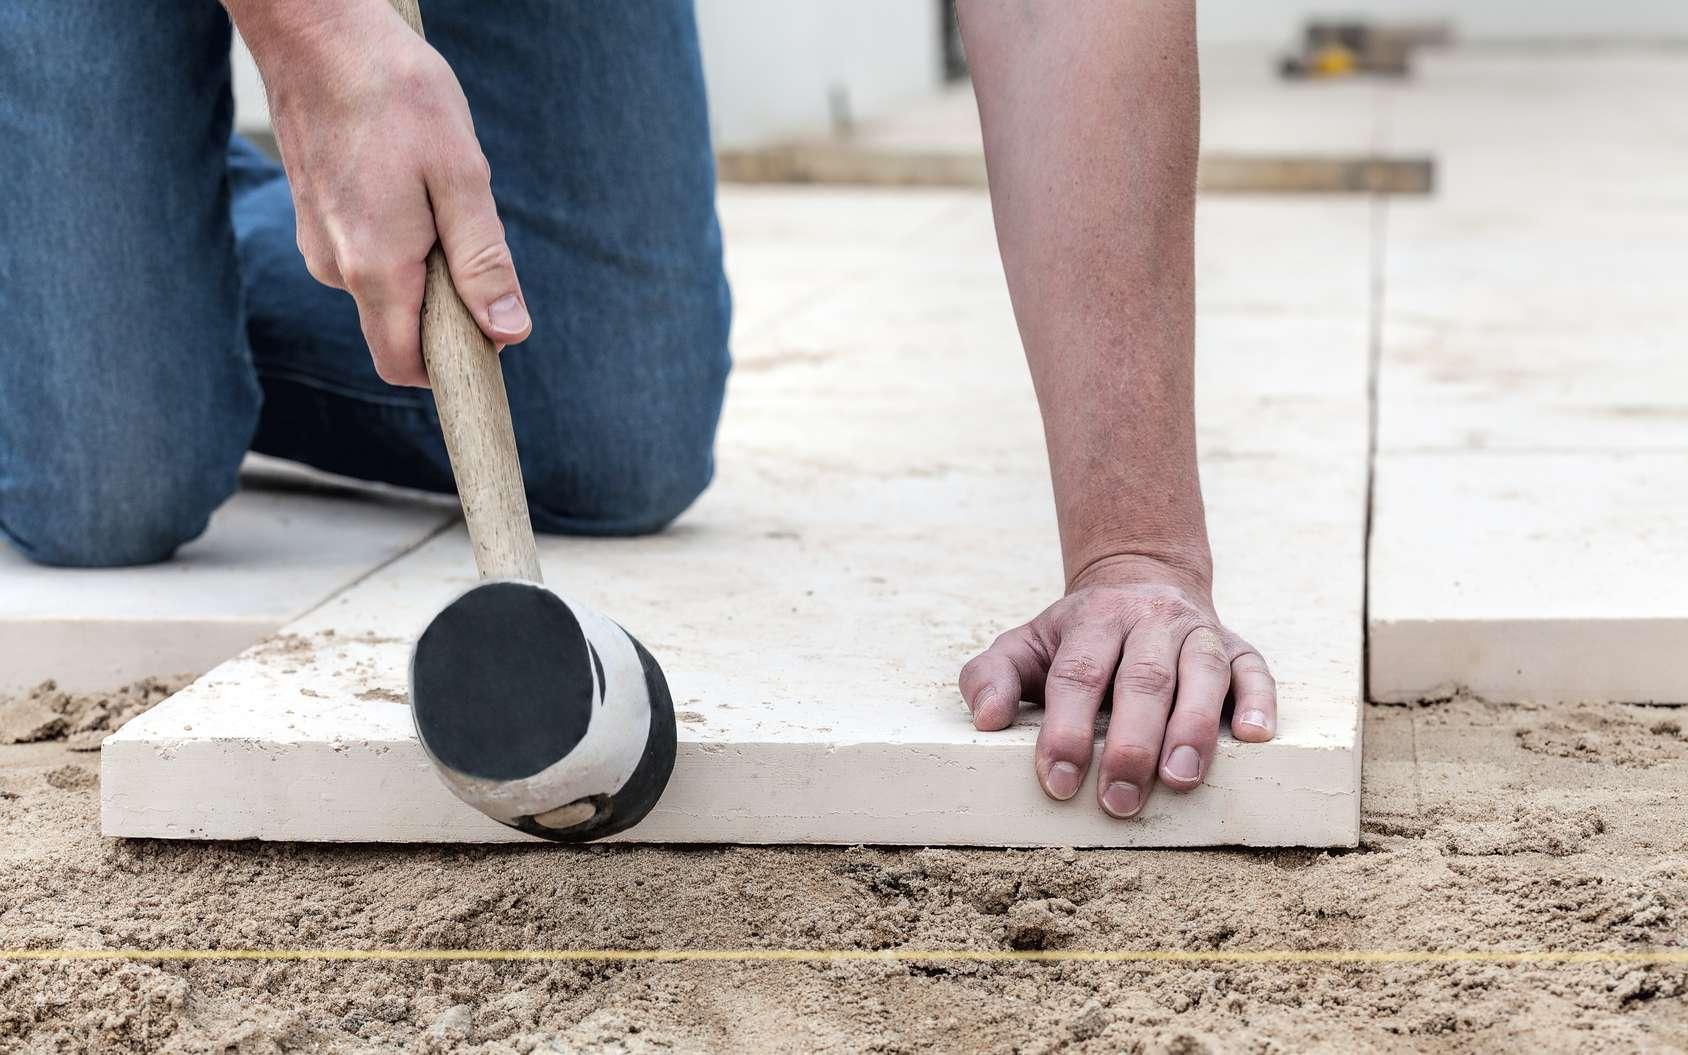 Creuser les fondations d'une terrasse permet une meilleure stabilité à votre extension. © Photographee.eu, Fotolia